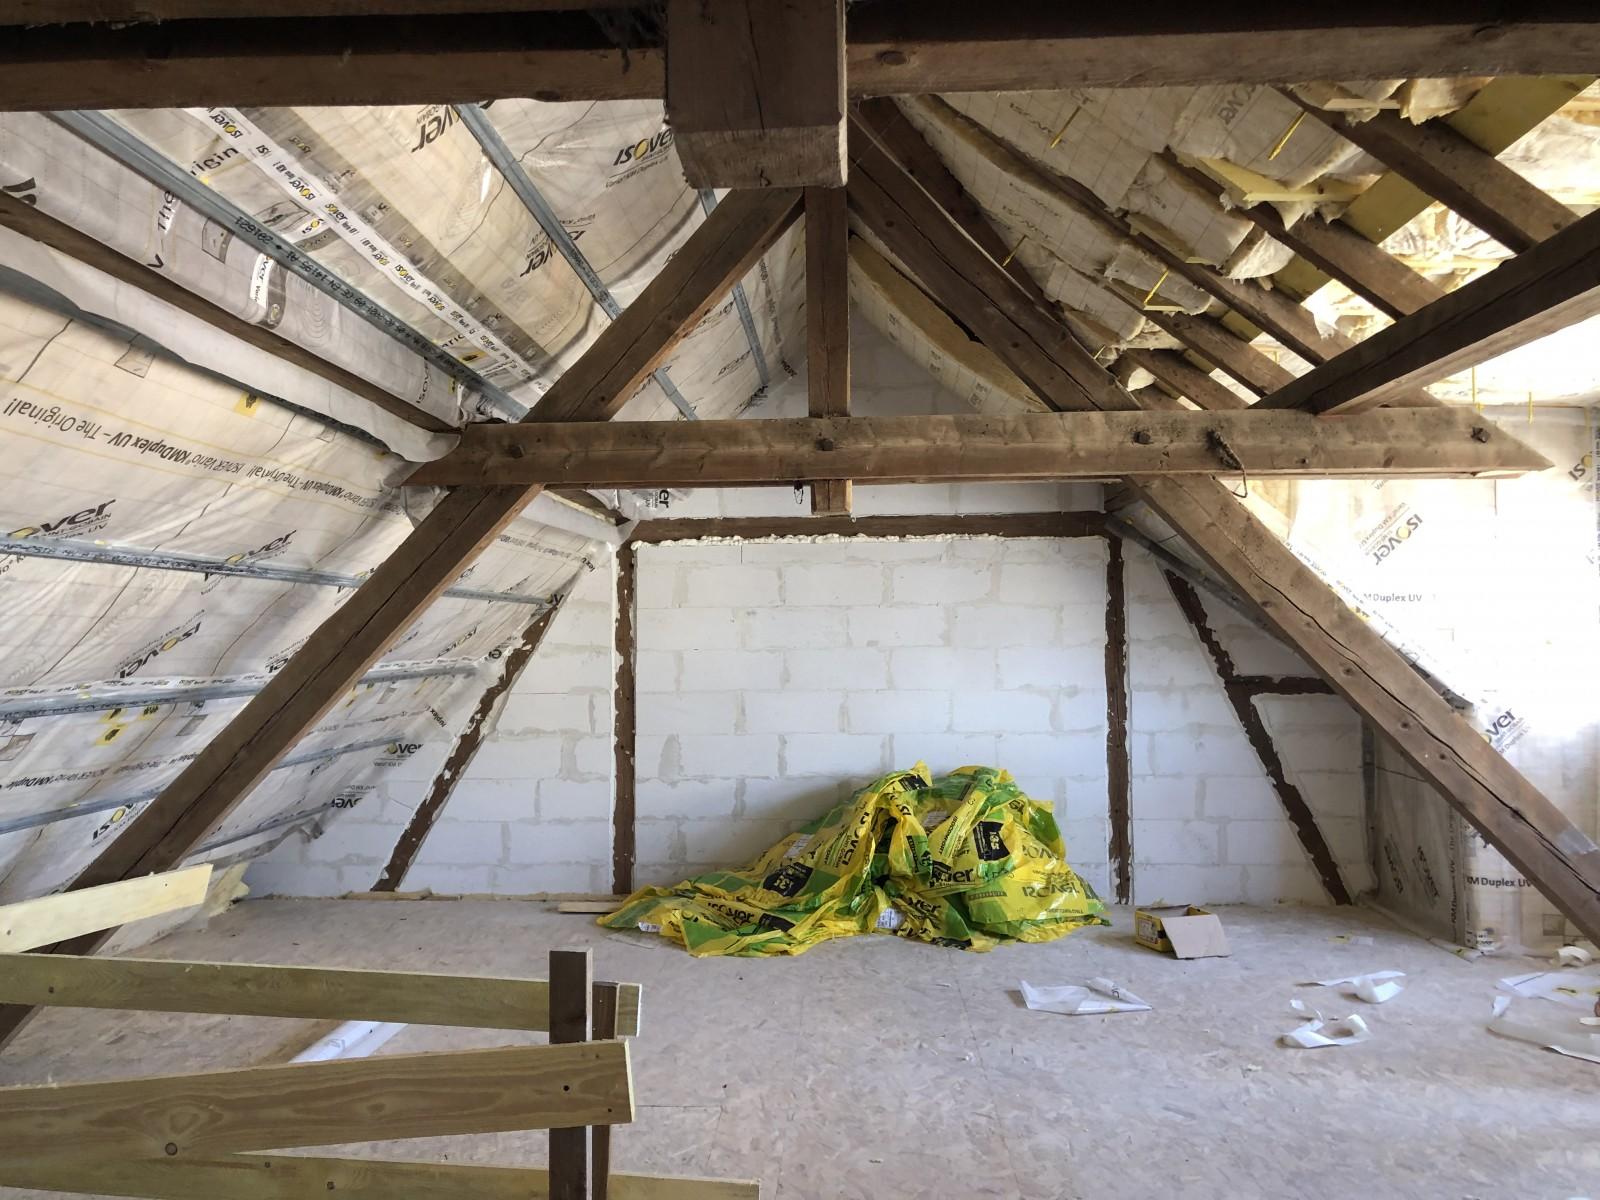 Rénovation d'une grange haut-rhin